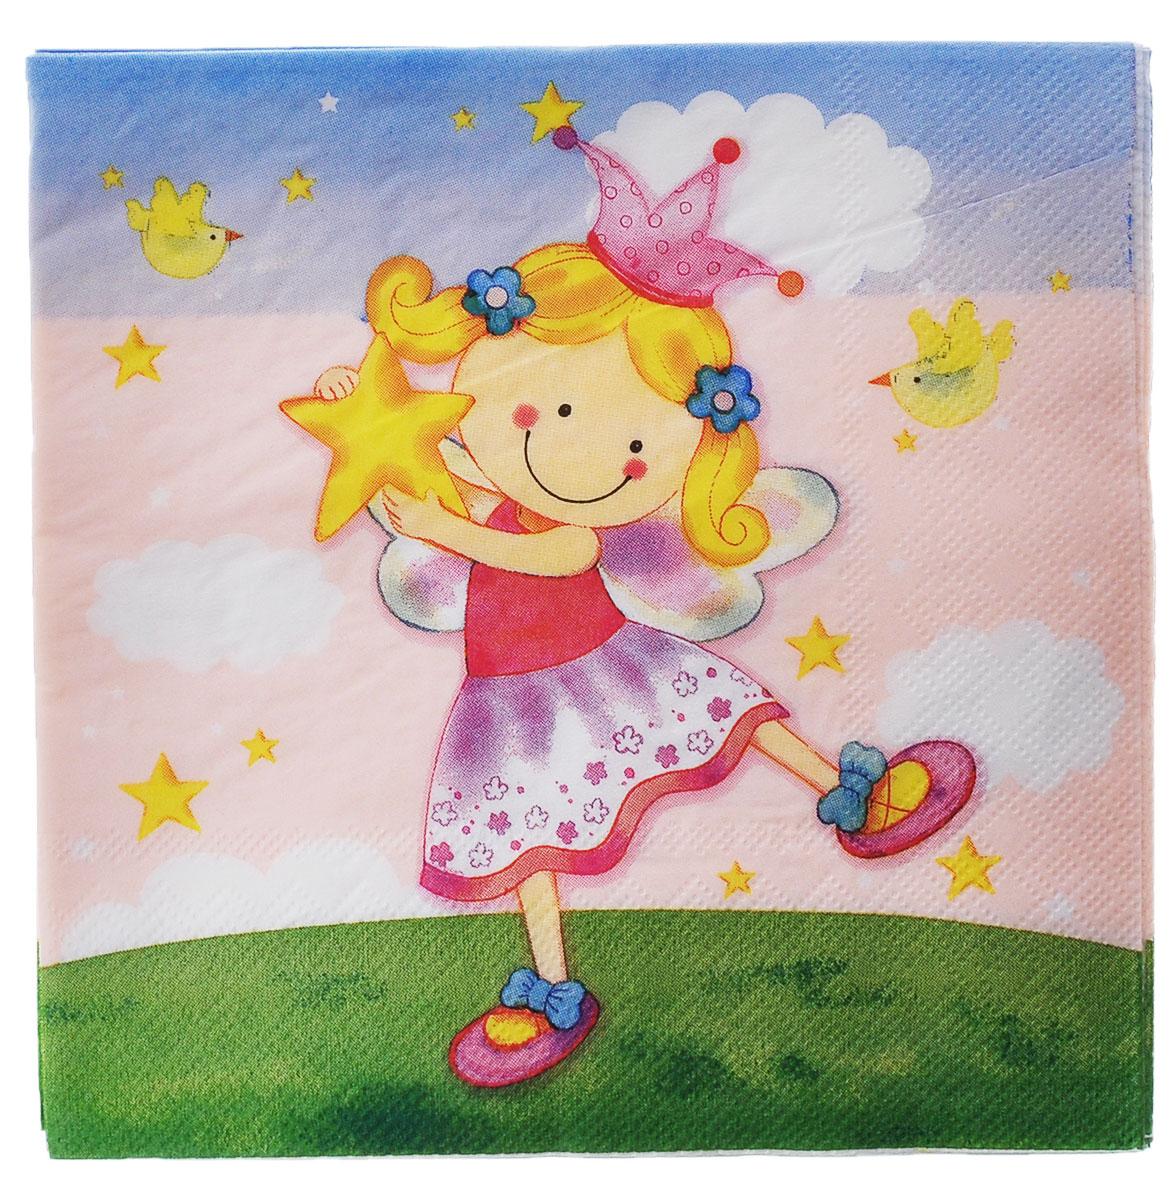 Веселая затея Салфетки Звездная фея, трехслойные, 12 шт1502-1283Трехслойные бумажные салфетки Звездная фея с красочным рисунком, станут отличным дополнением детского праздничного стола. Салфетки, на которых фея порхает над землей, ей поют птички, улыбаются цветы, и звезды падают в ее ладошки В упаковке 12 ярких трехслойных салфеток.